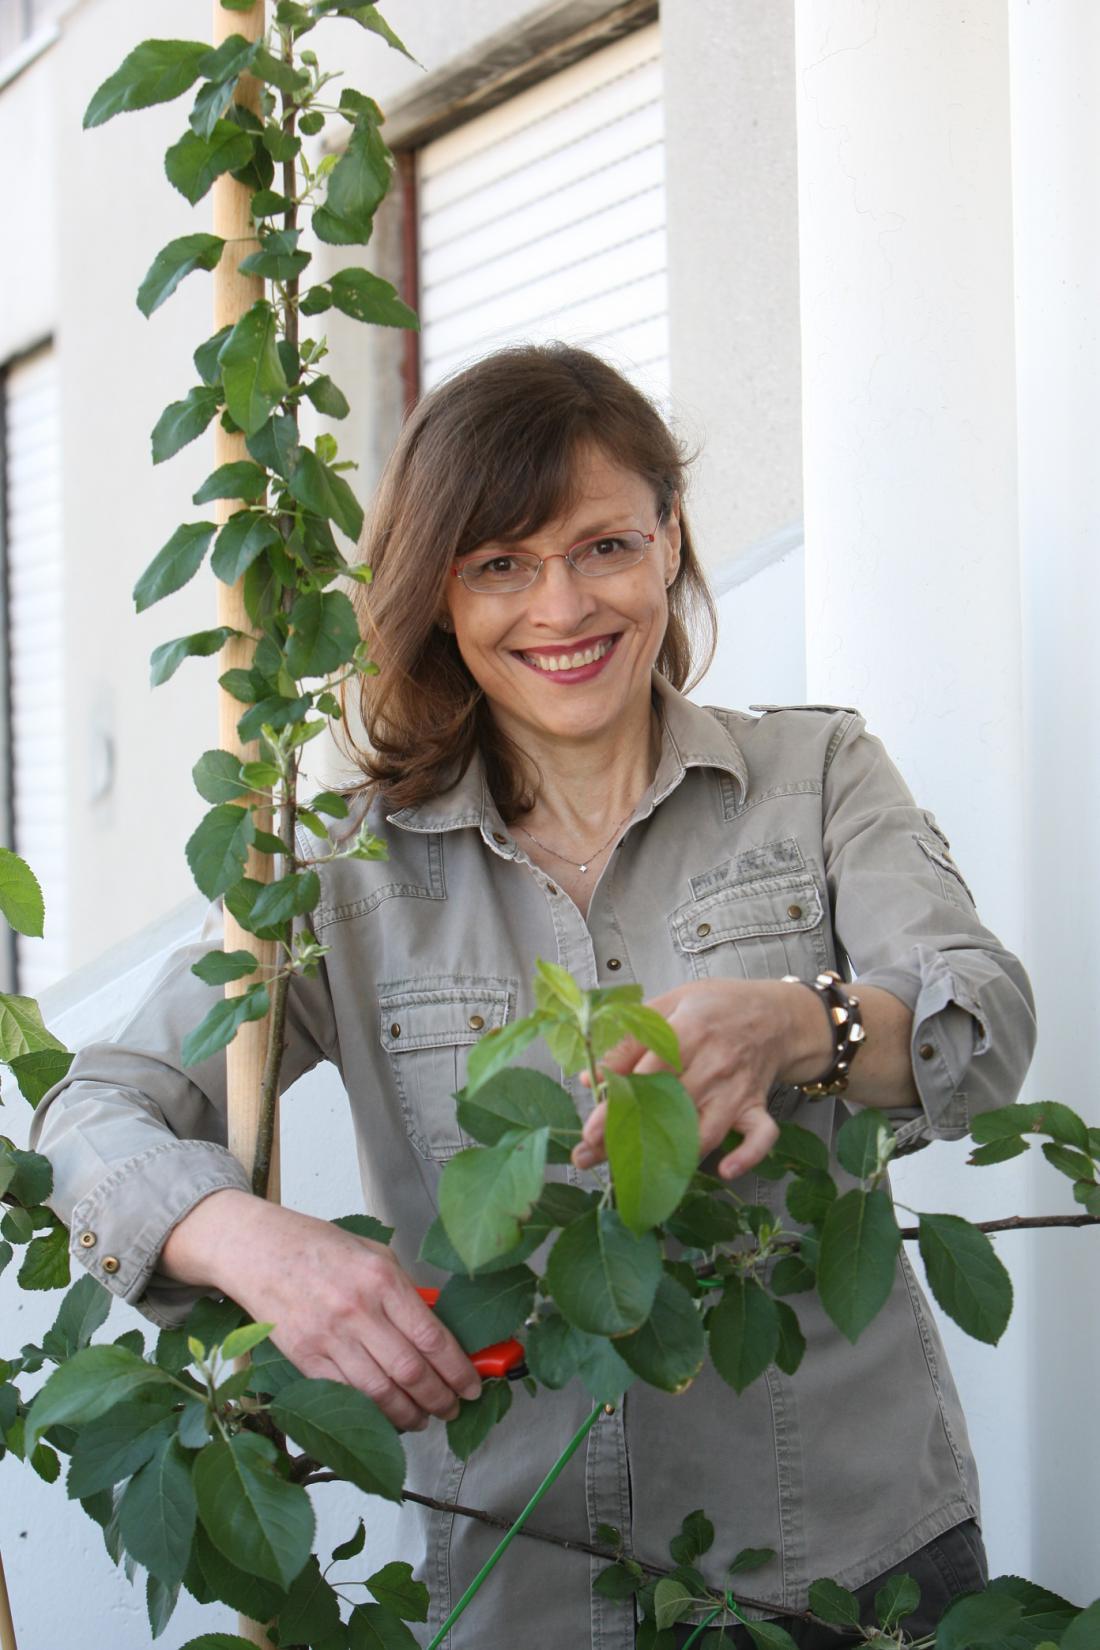 Dveletna jablana na balkonu. Foto: Igor Modic